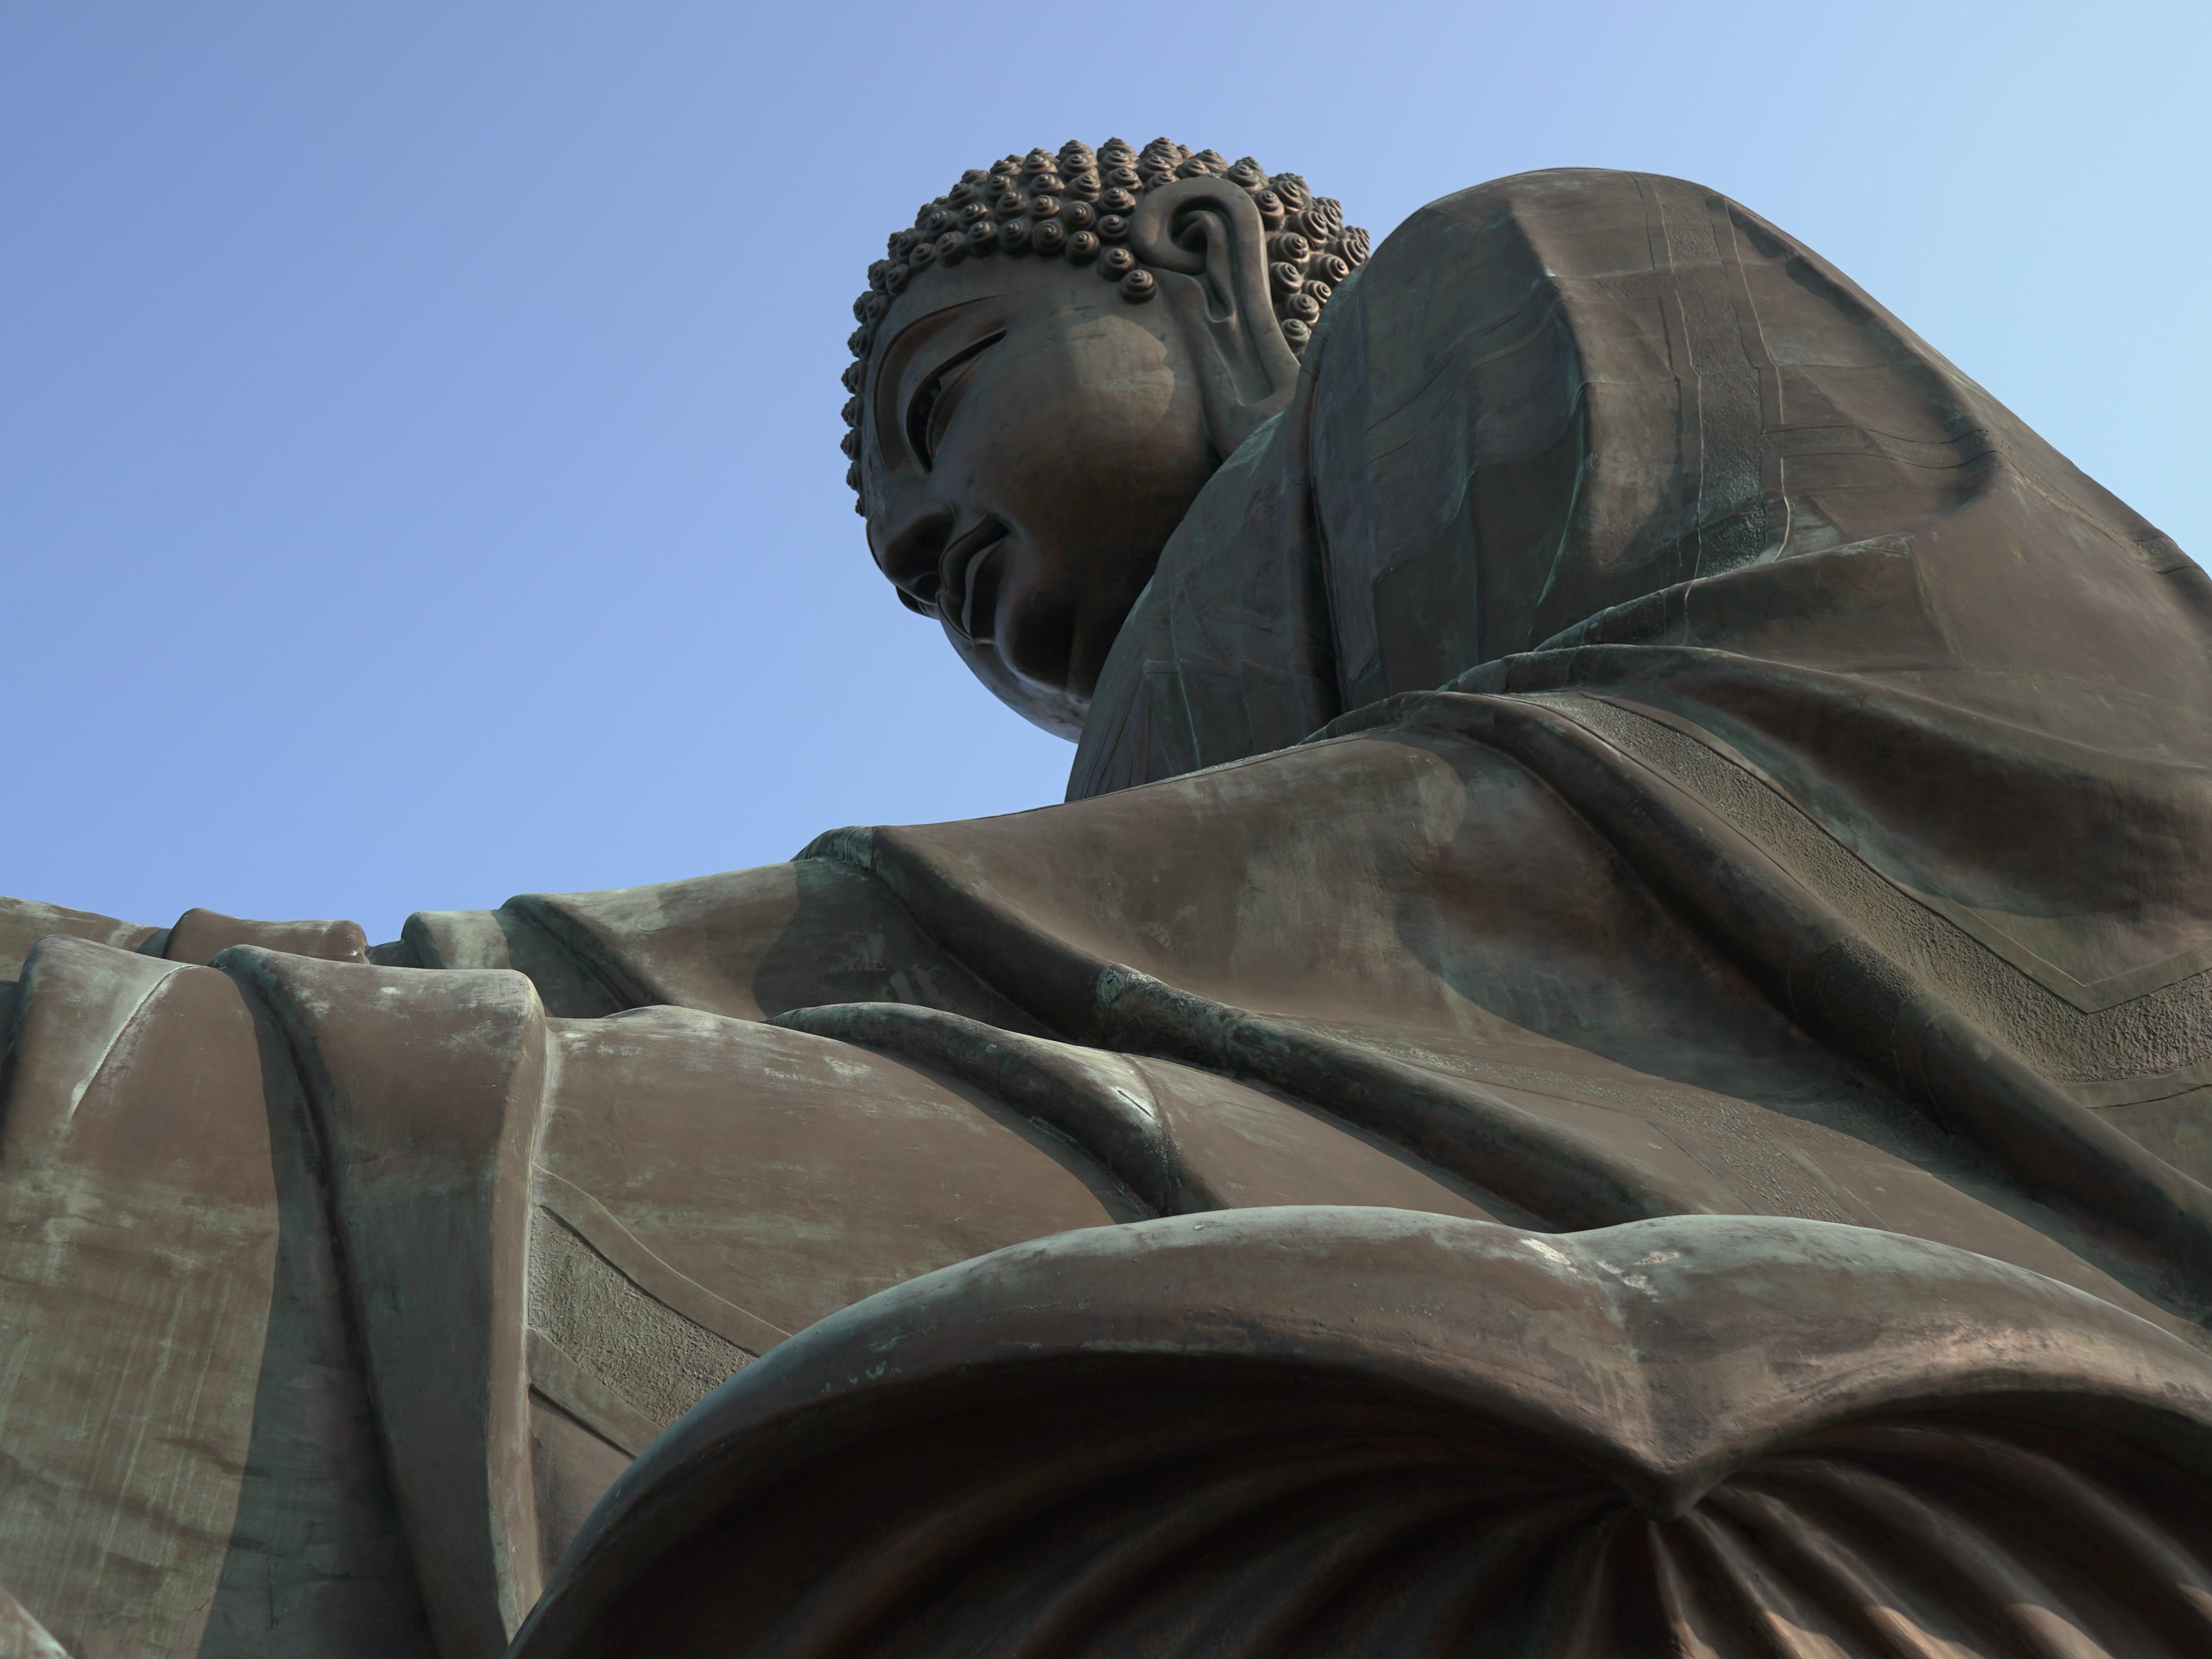 The Tian Tan Buddha.